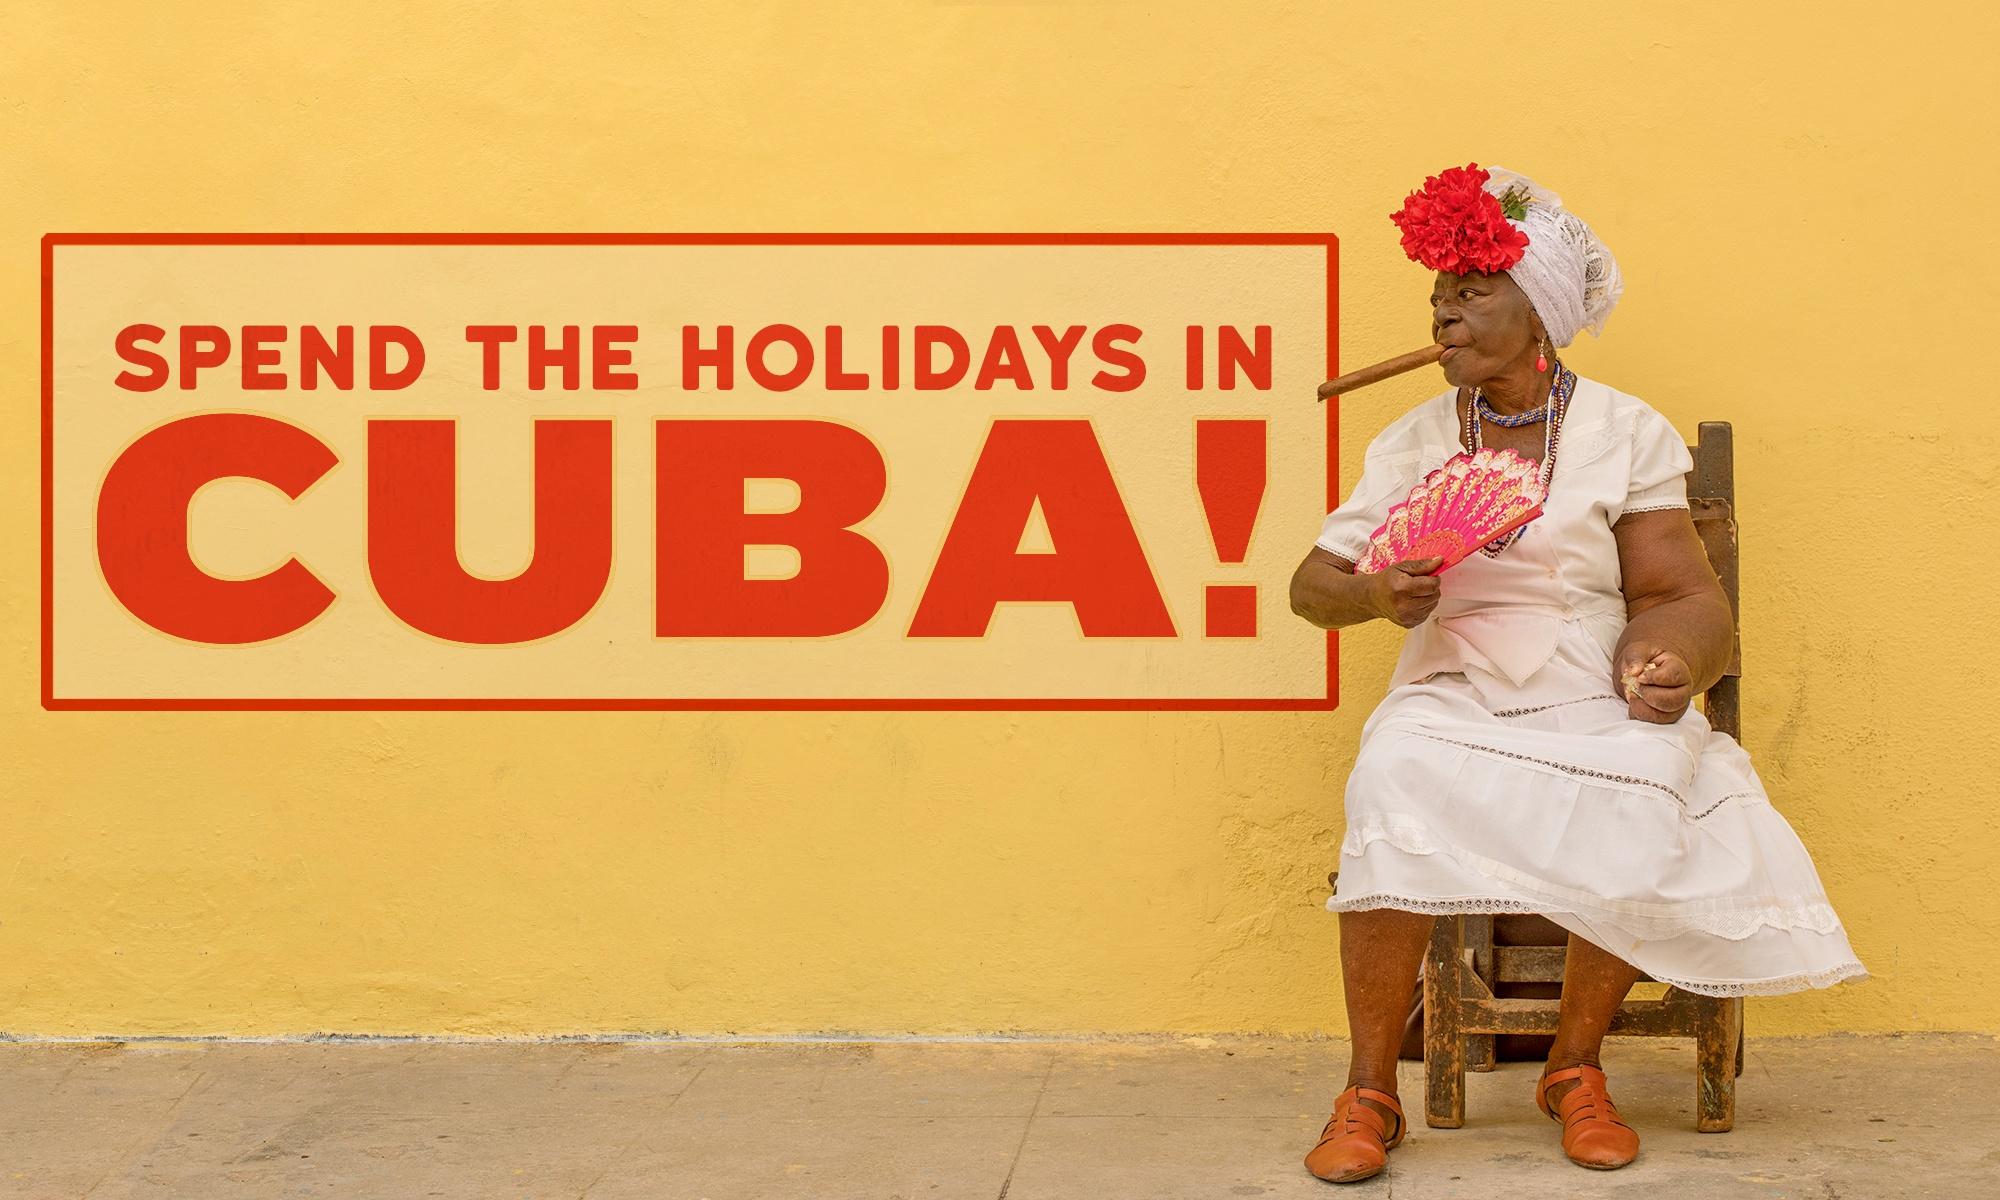 holidays-in-cuba-header.jpg